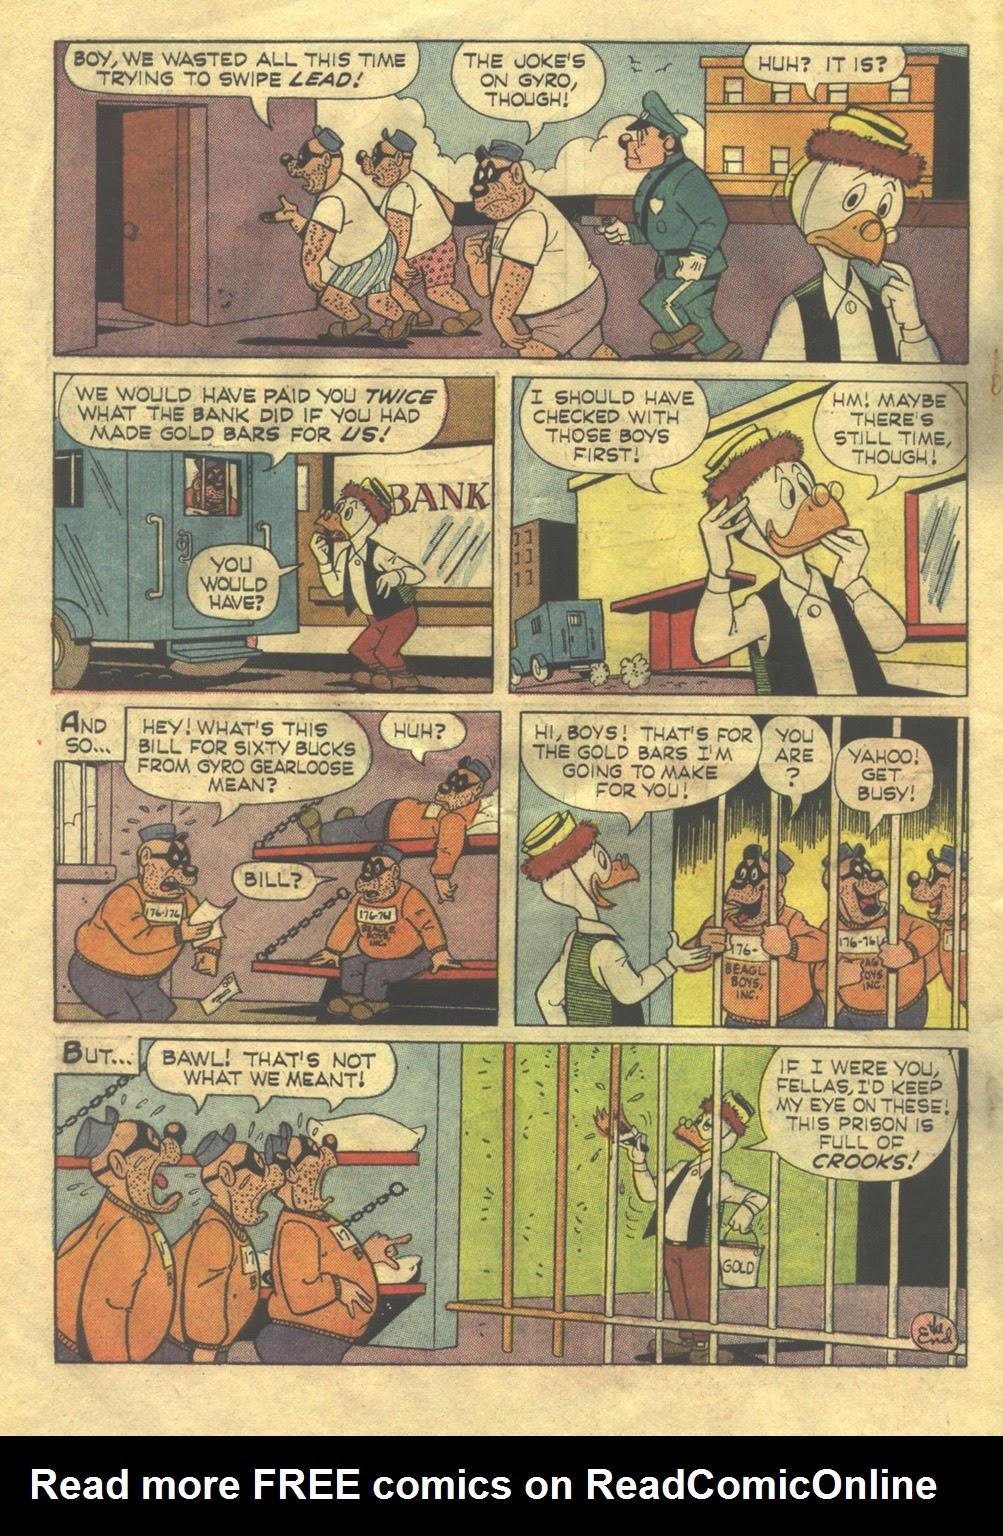 Walt Disney THE BEAGLE BOYS issue 2 - Page 34